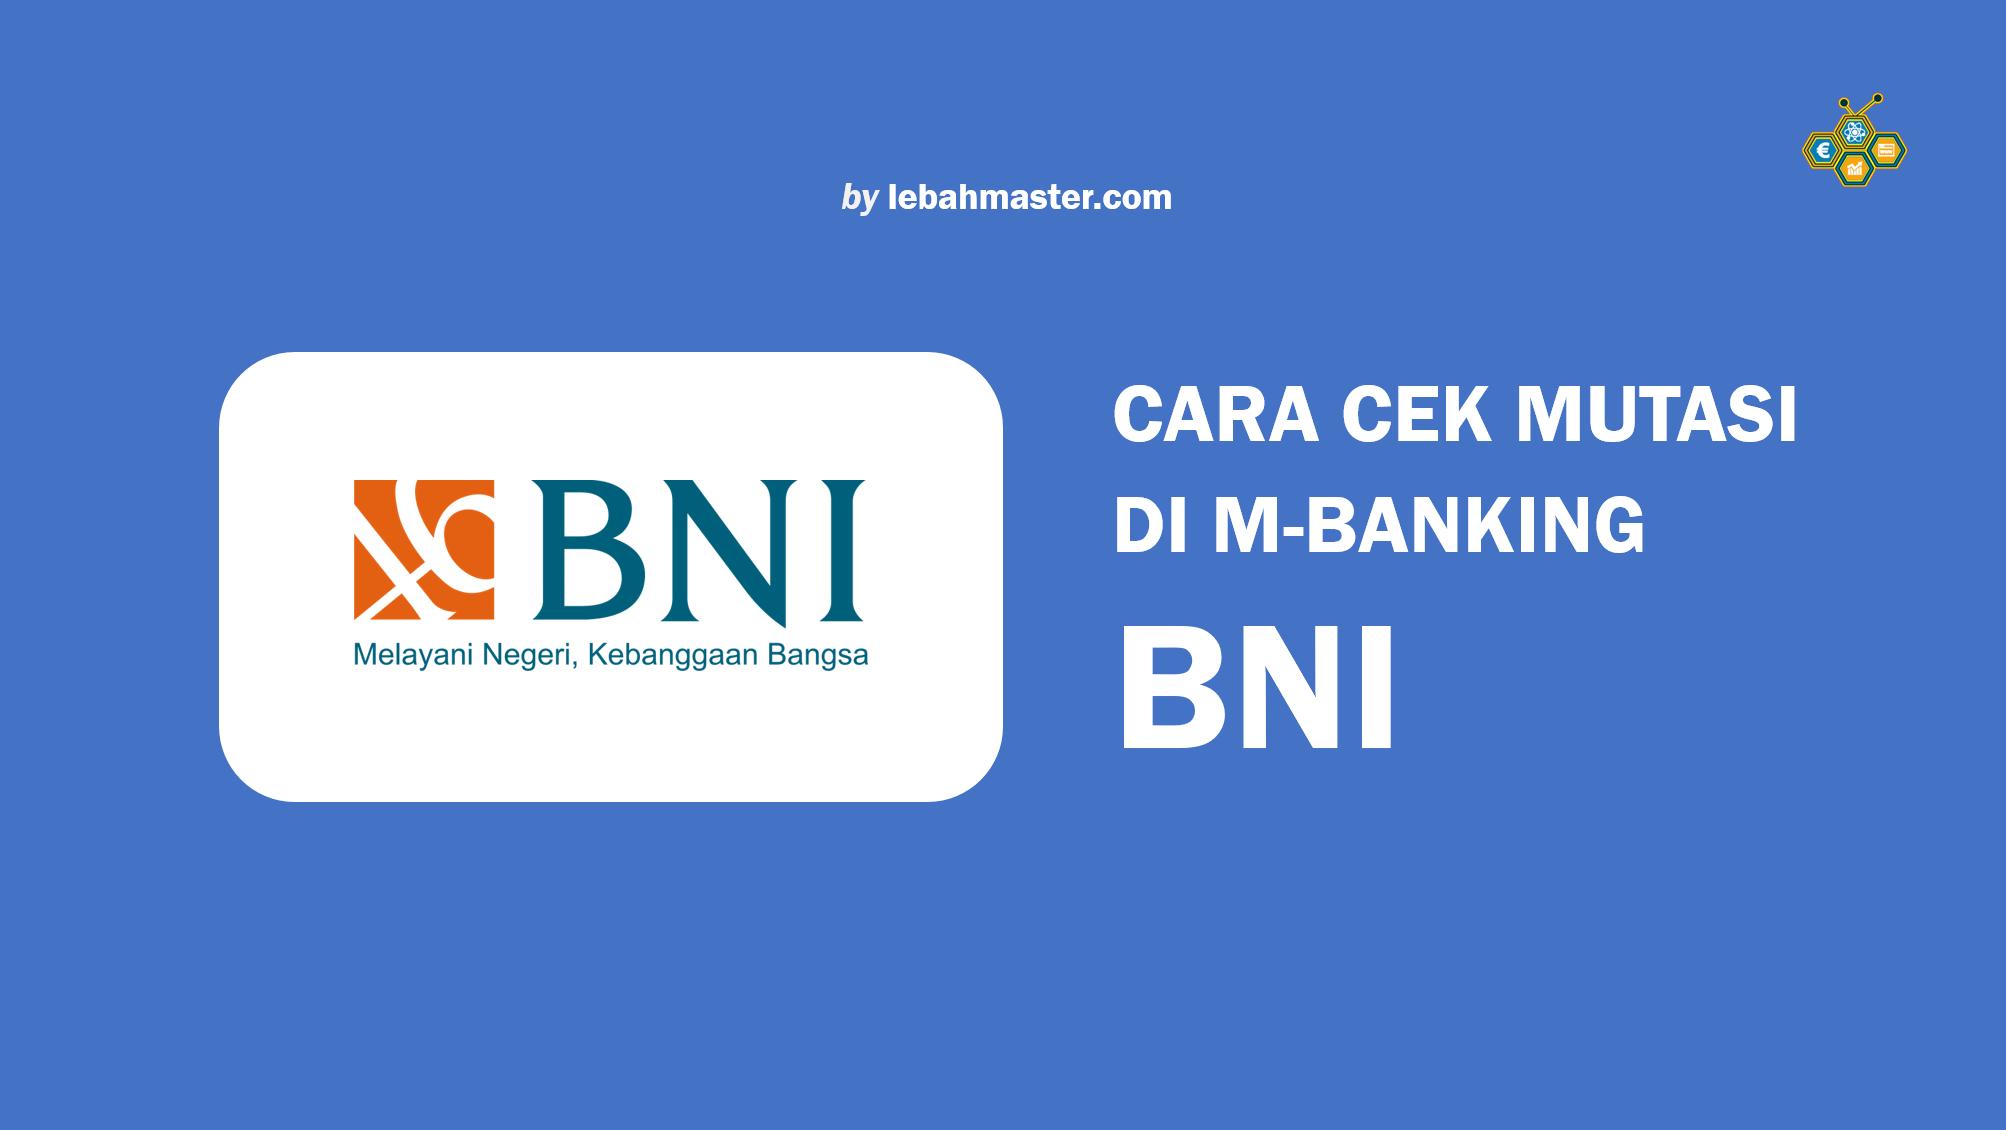 Cara Cek Mutasi Di M-Banking BNI